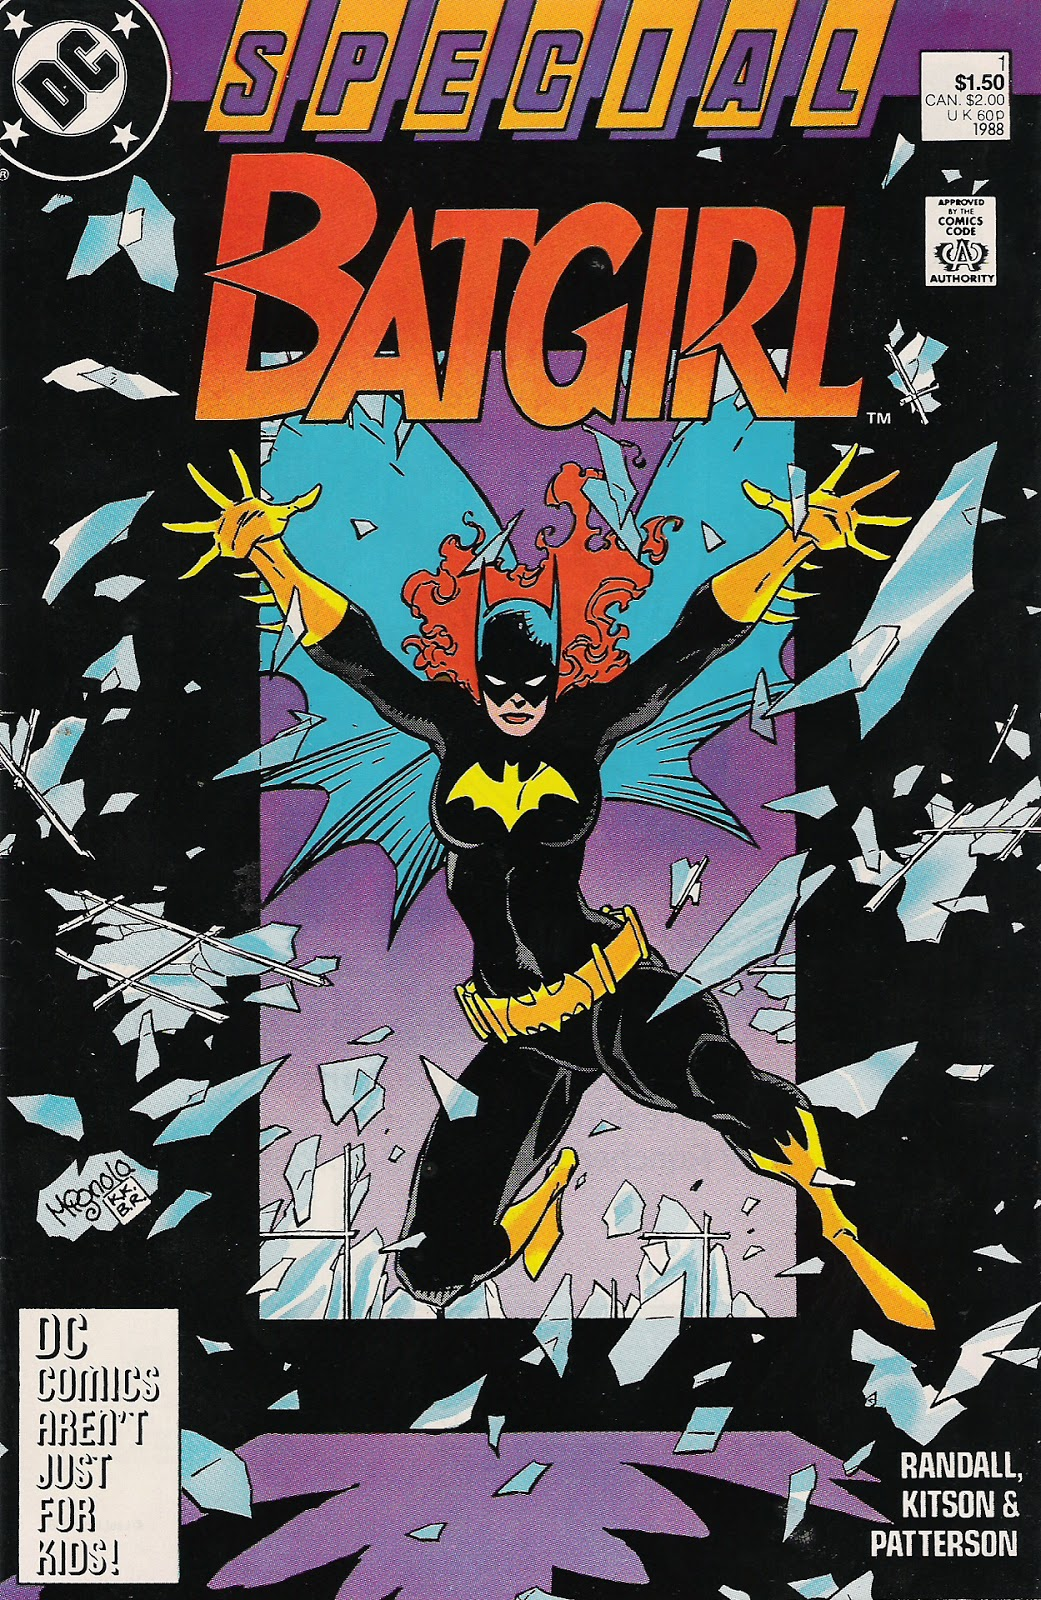 DC Comics of the 1980s: 1988 - Mignola's Batgirl Special